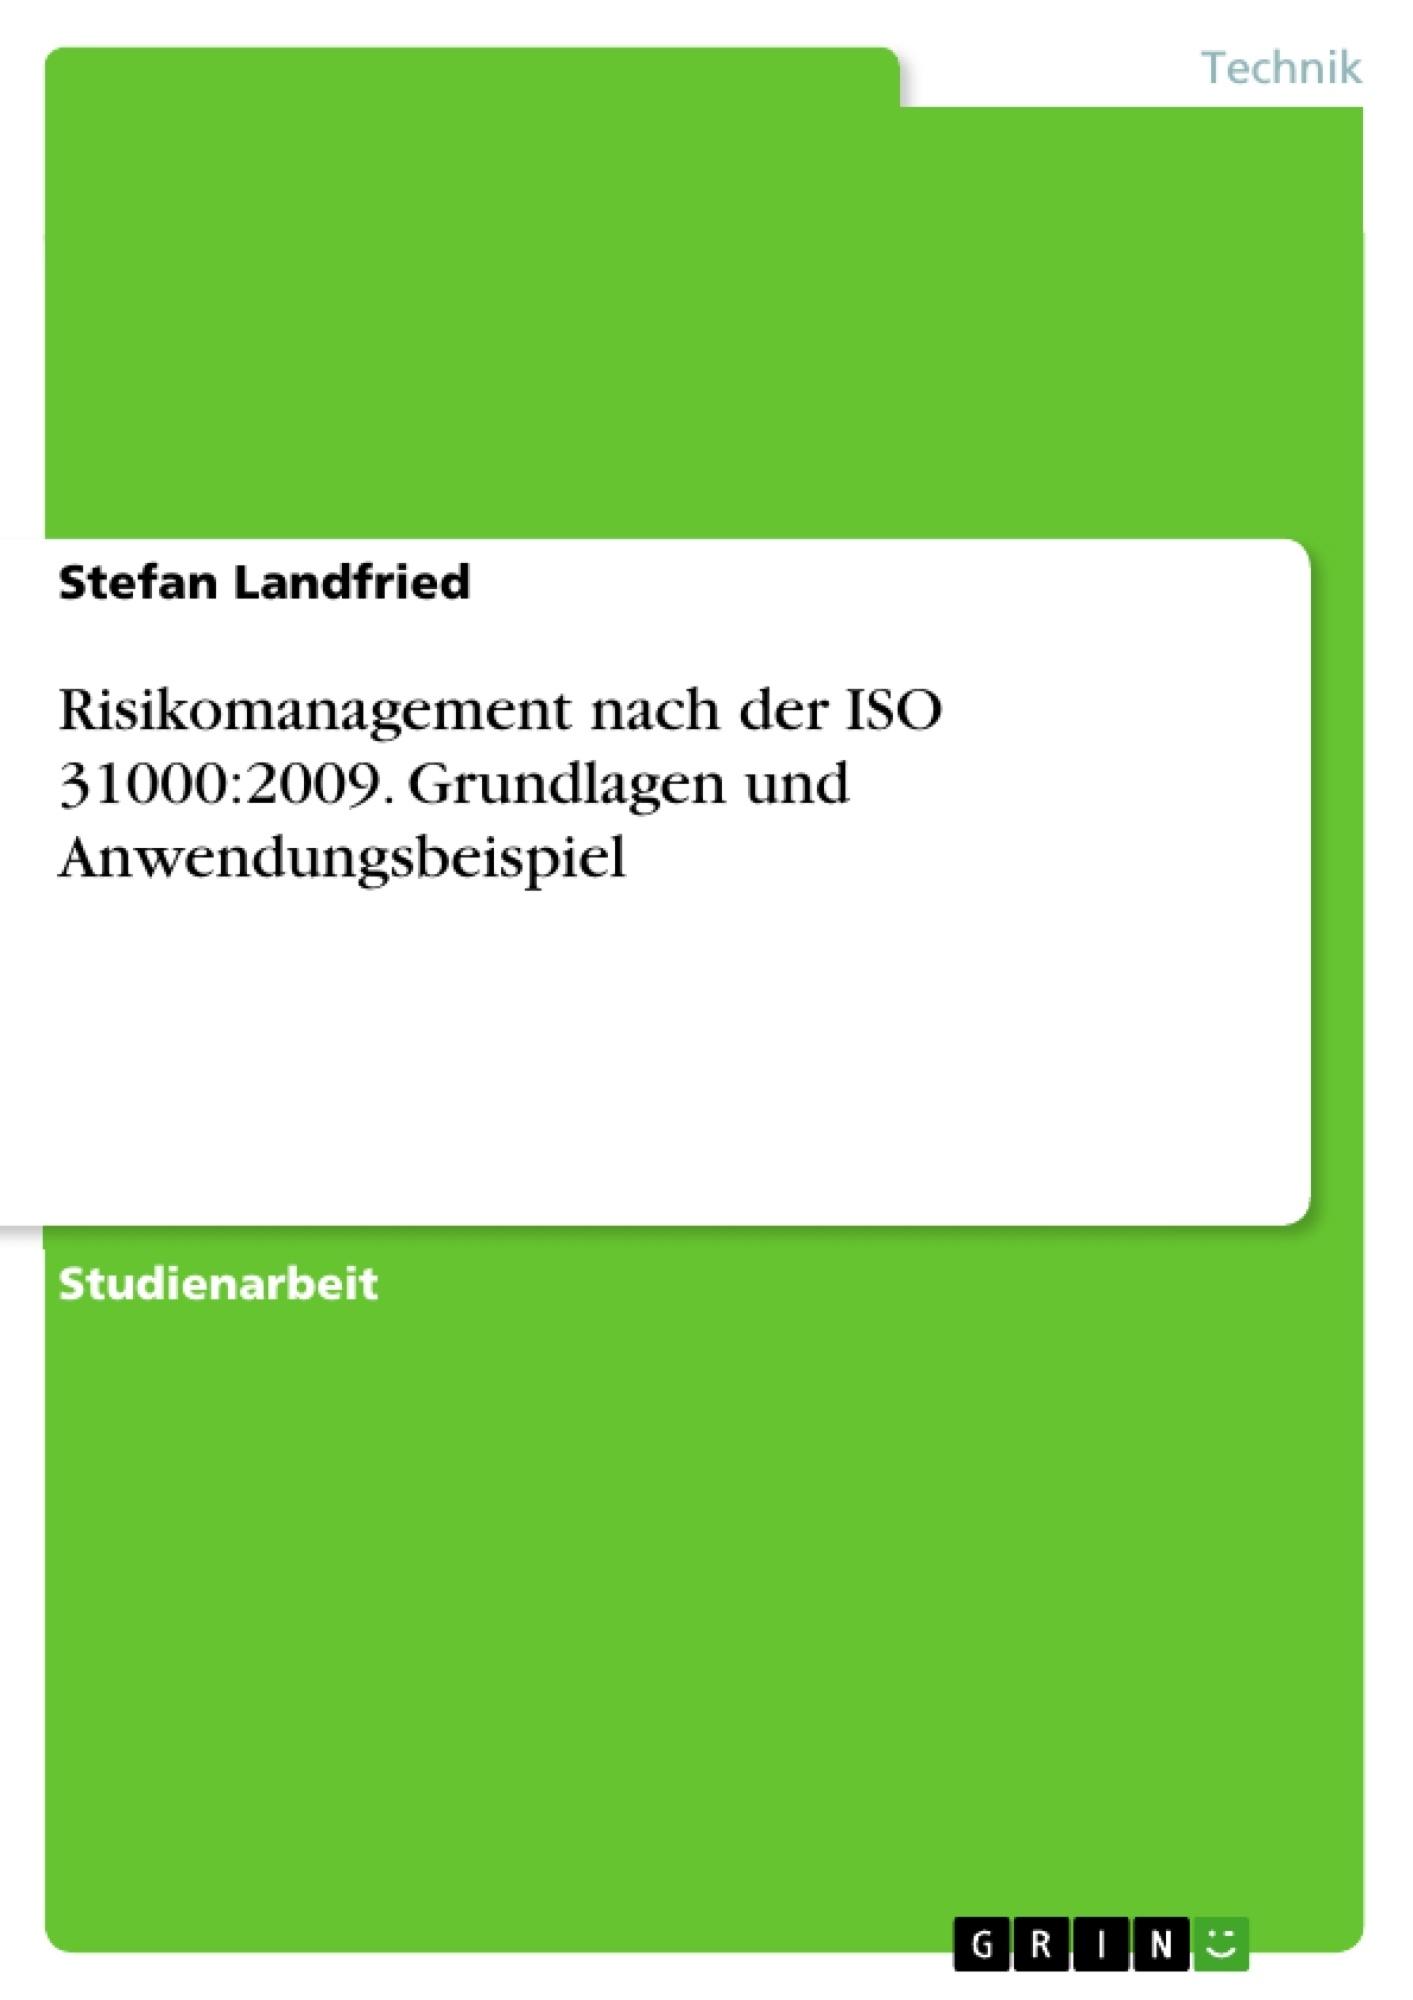 Risikomanagement nach der ISO 31000:2009. Grundlagen und ...